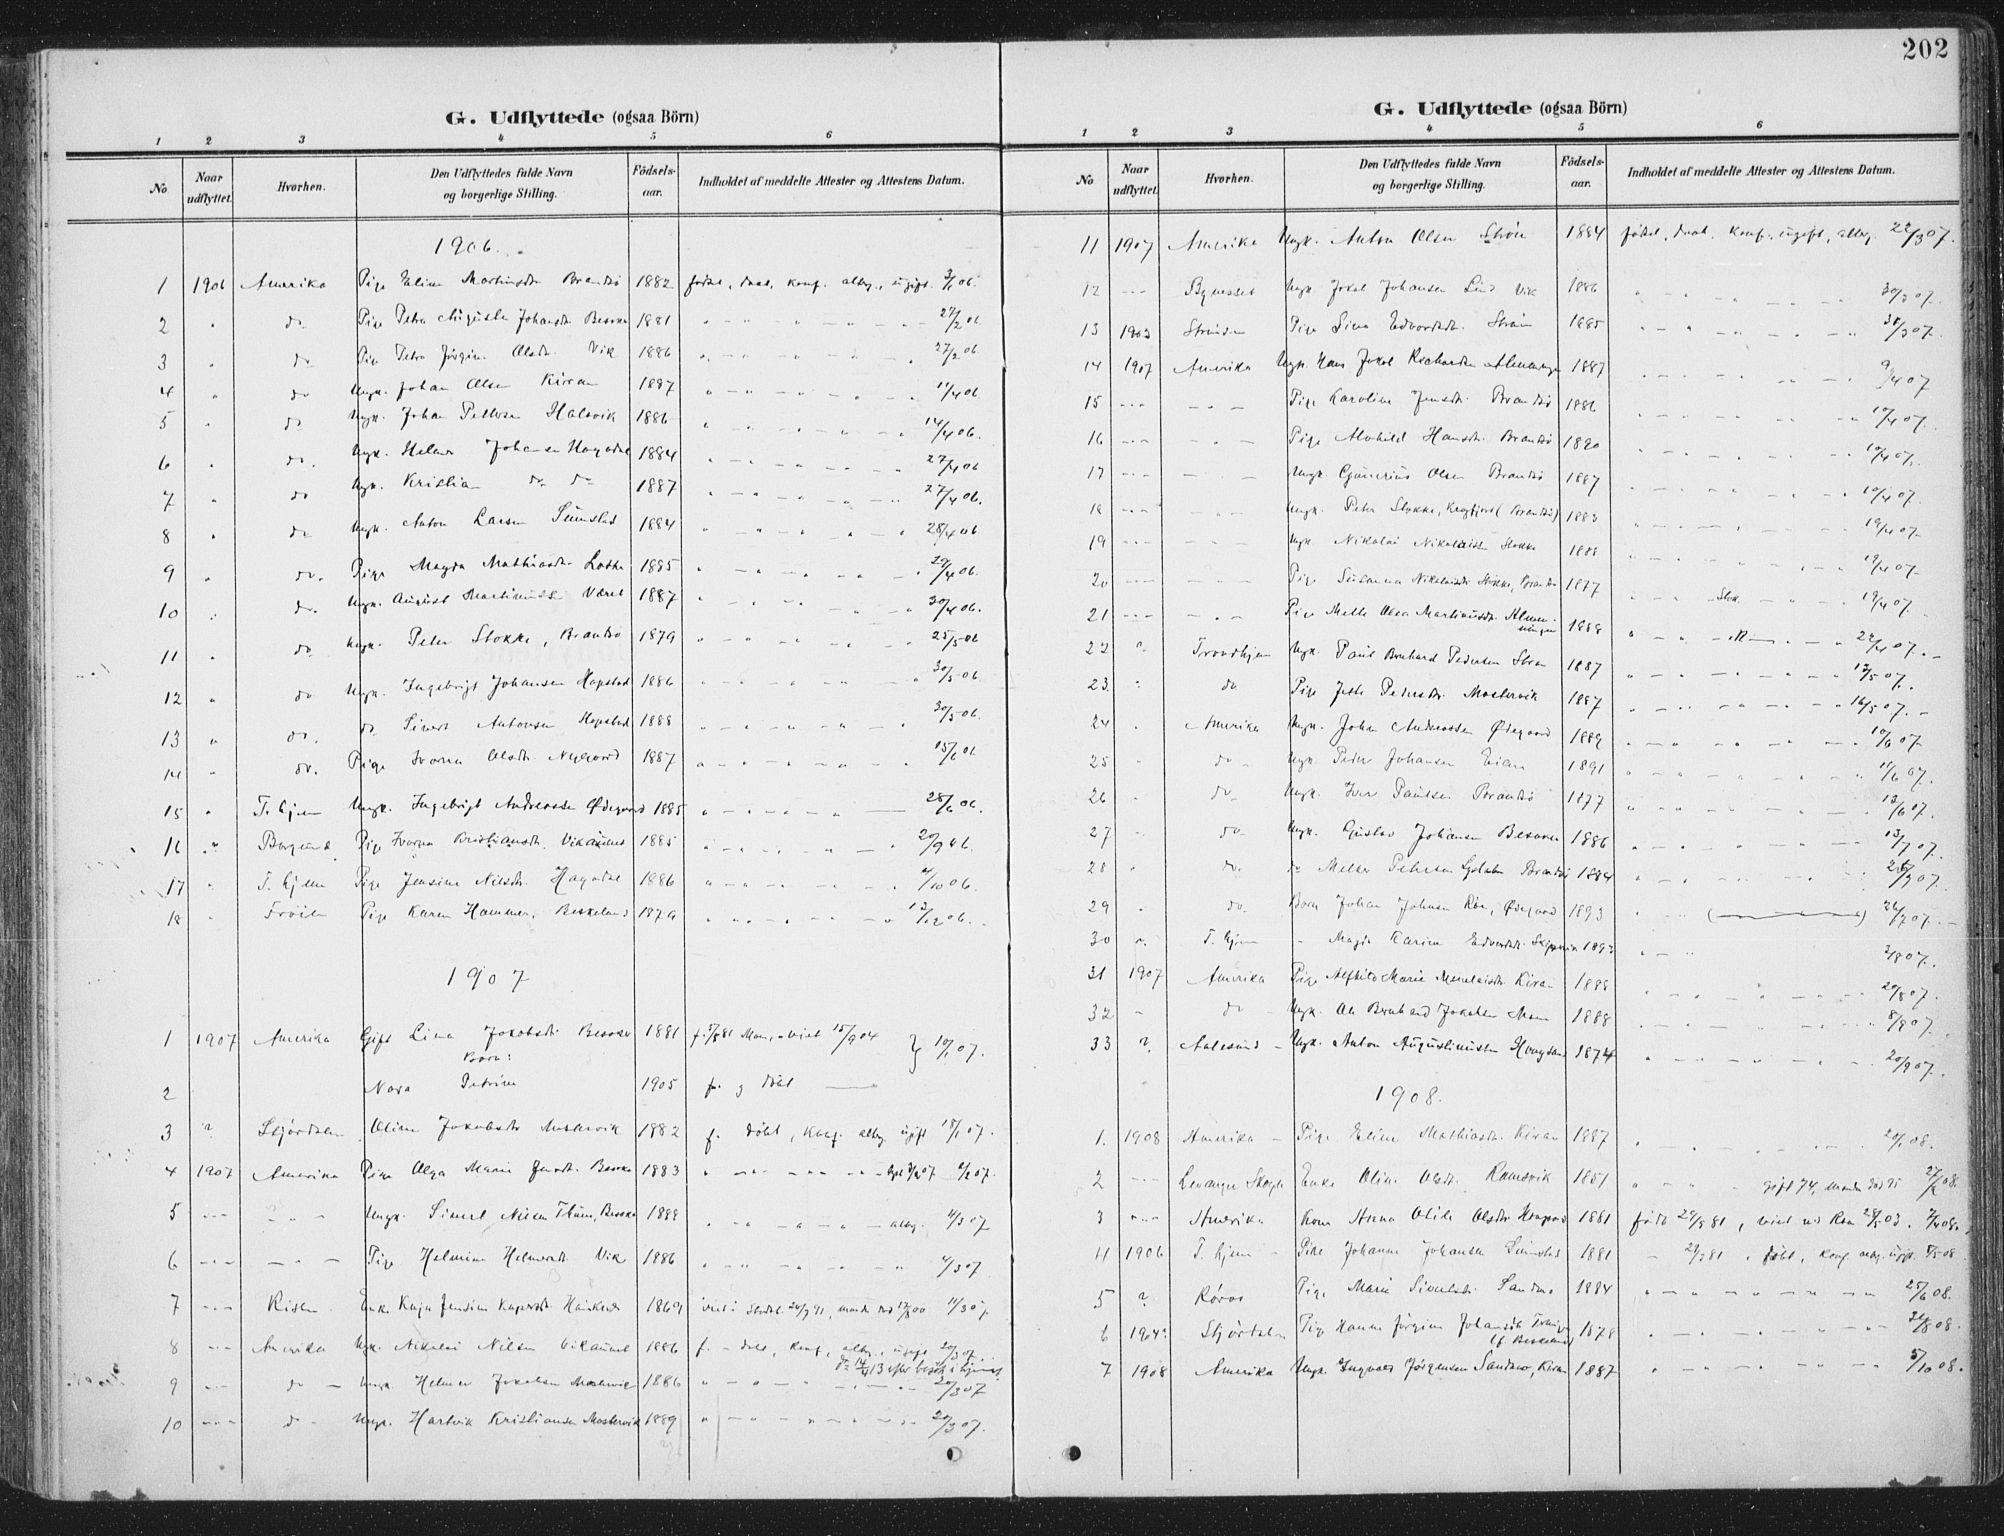 SAT, Ministerialprotokoller, klokkerbøker og fødselsregistre - Sør-Trøndelag, 657/L0709: Ministerialbok nr. 657A10, 1905-1919, s. 202